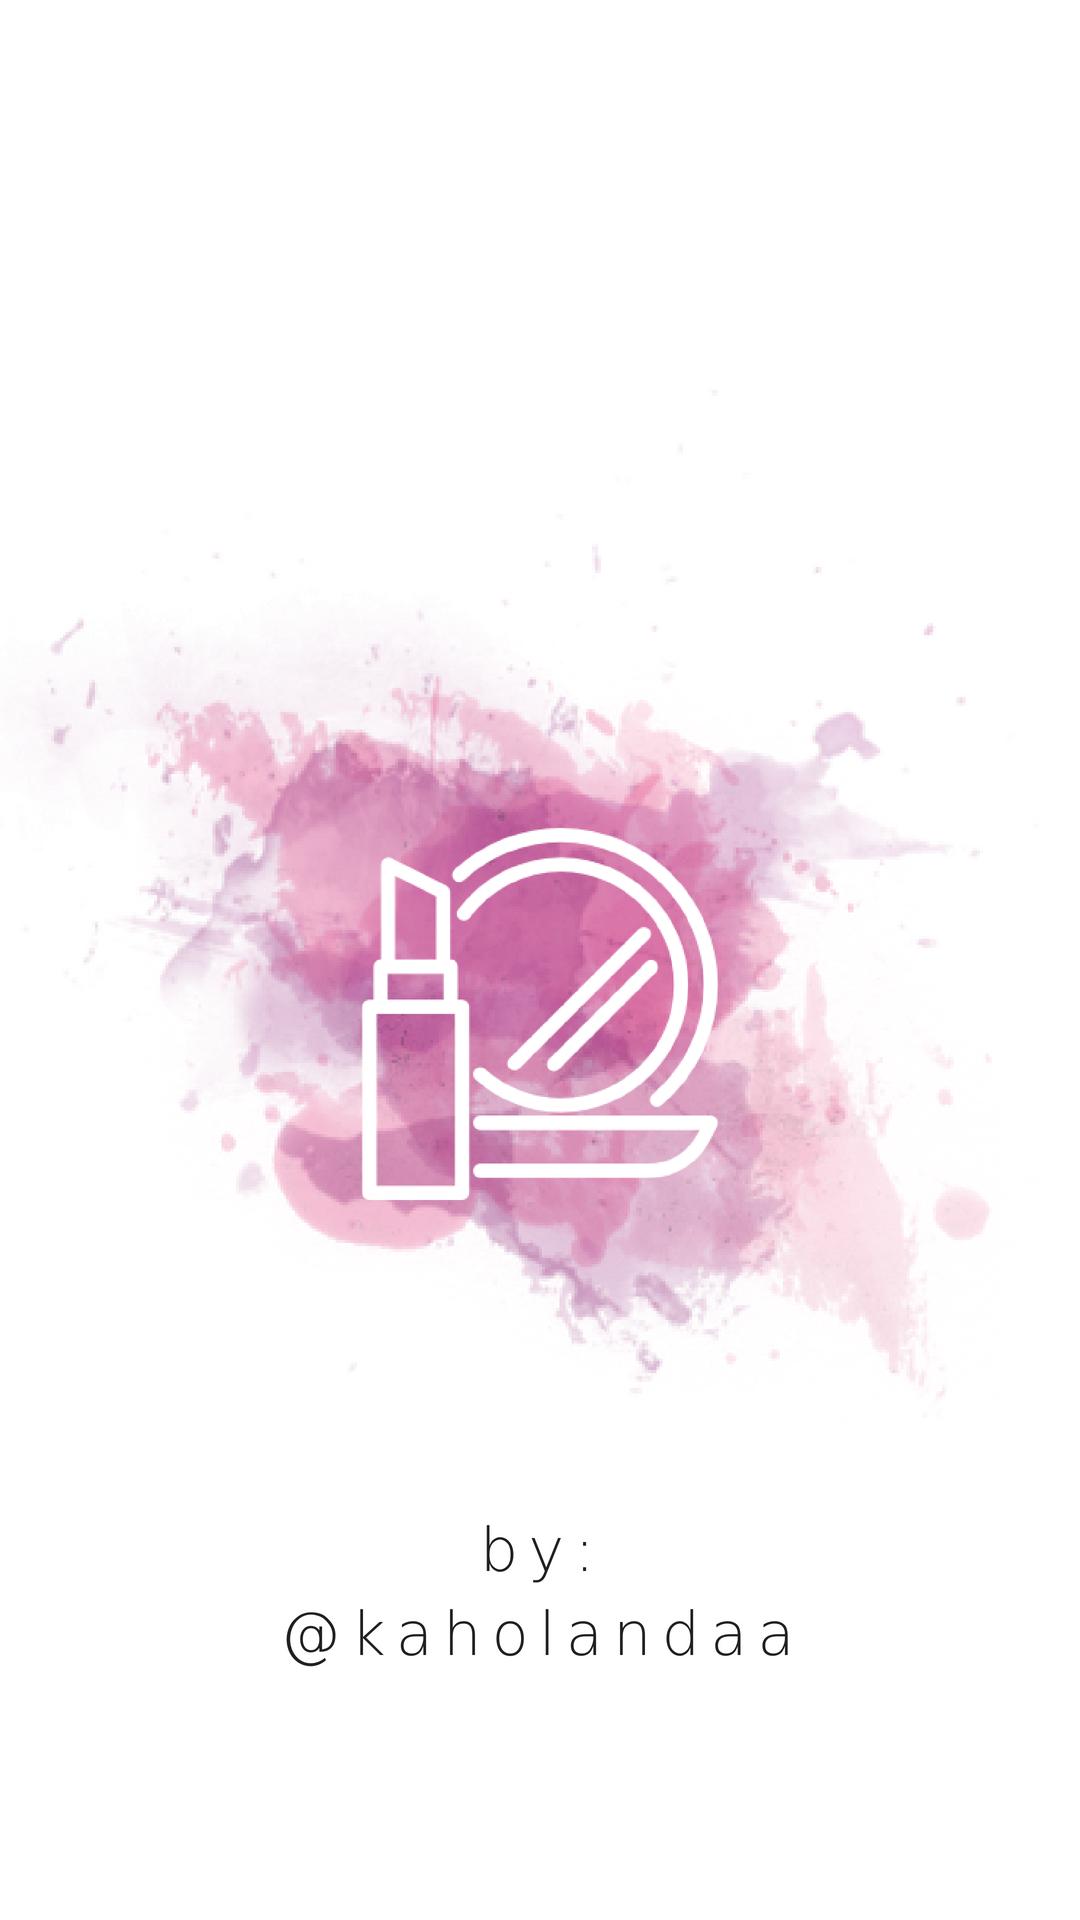 ツ ᴘɪɴᴛᴇʀᴇsᴛᴍʏʟᴇɴᴀ ʙᴀᴄʜᴍᴀɴɴ Logotipo instagram, Ideias